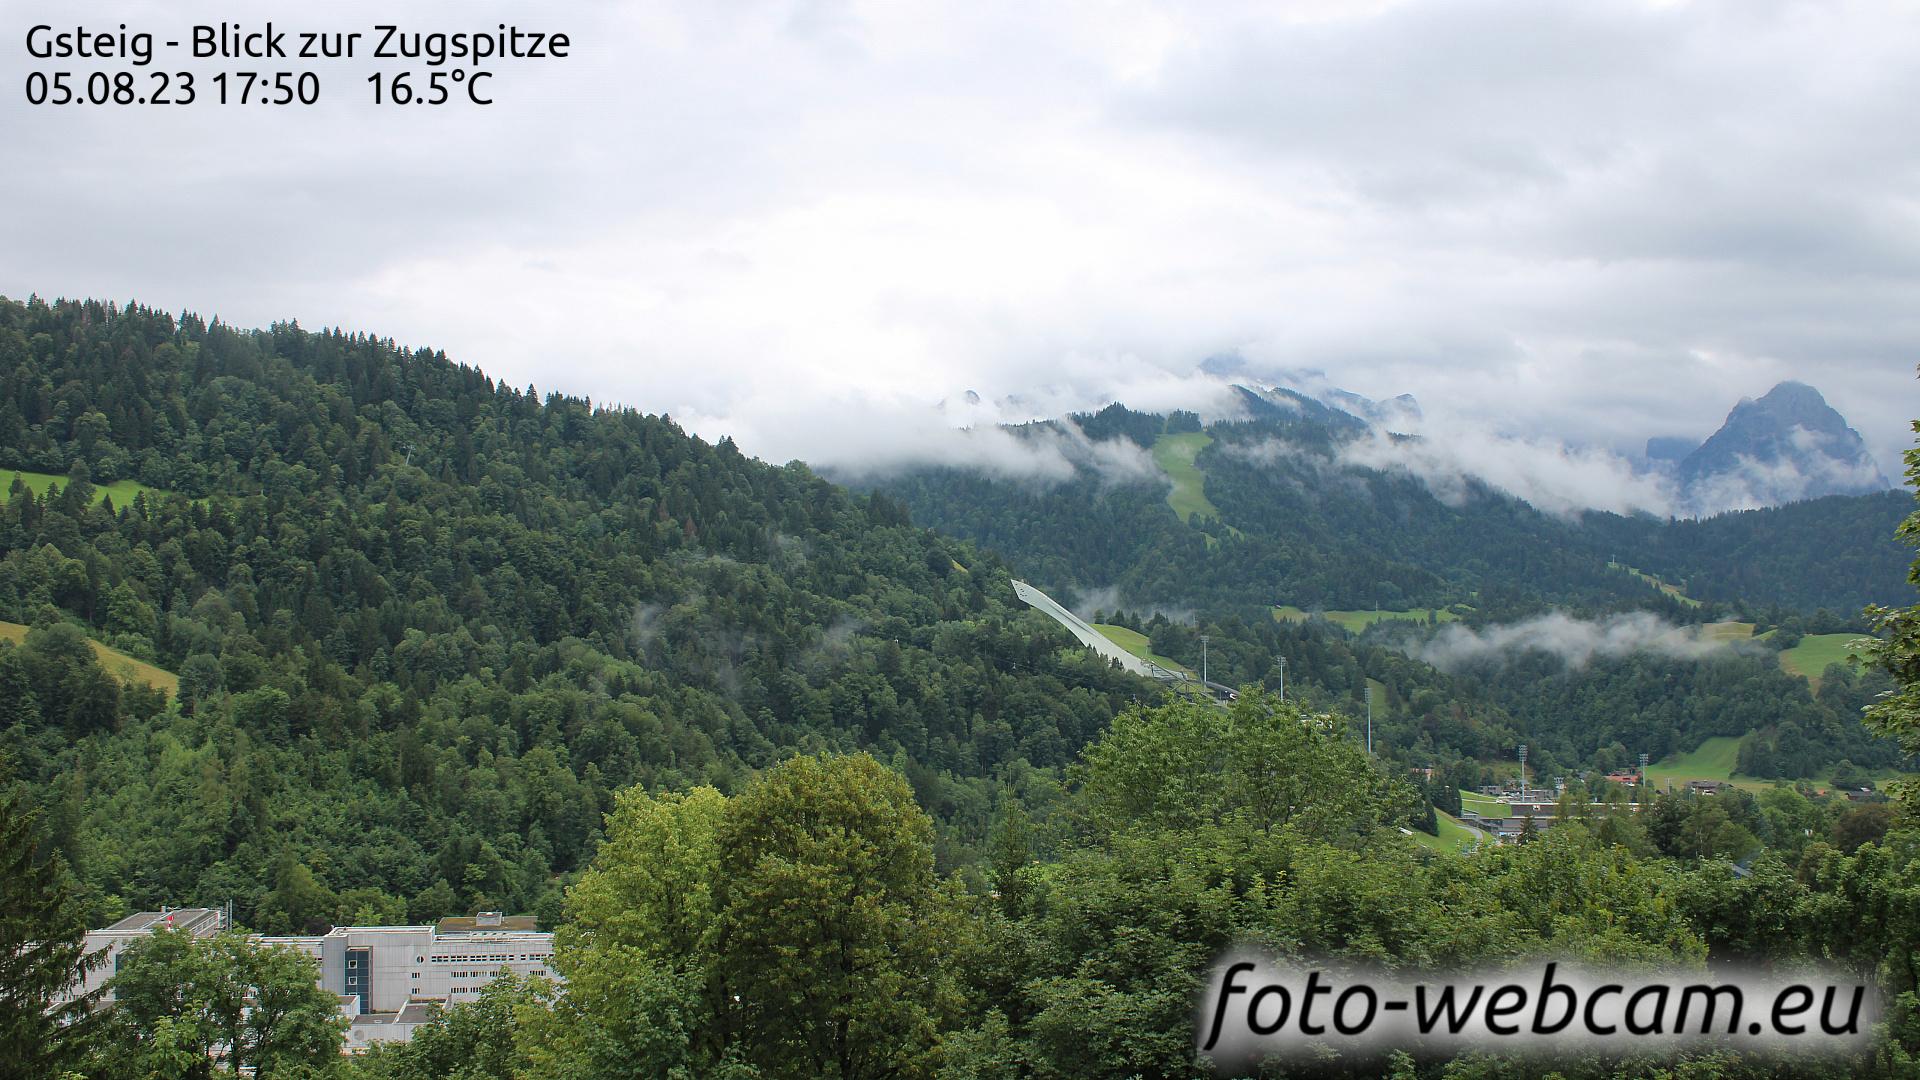 Garmisch-Partenkirchen Wed. 17:31